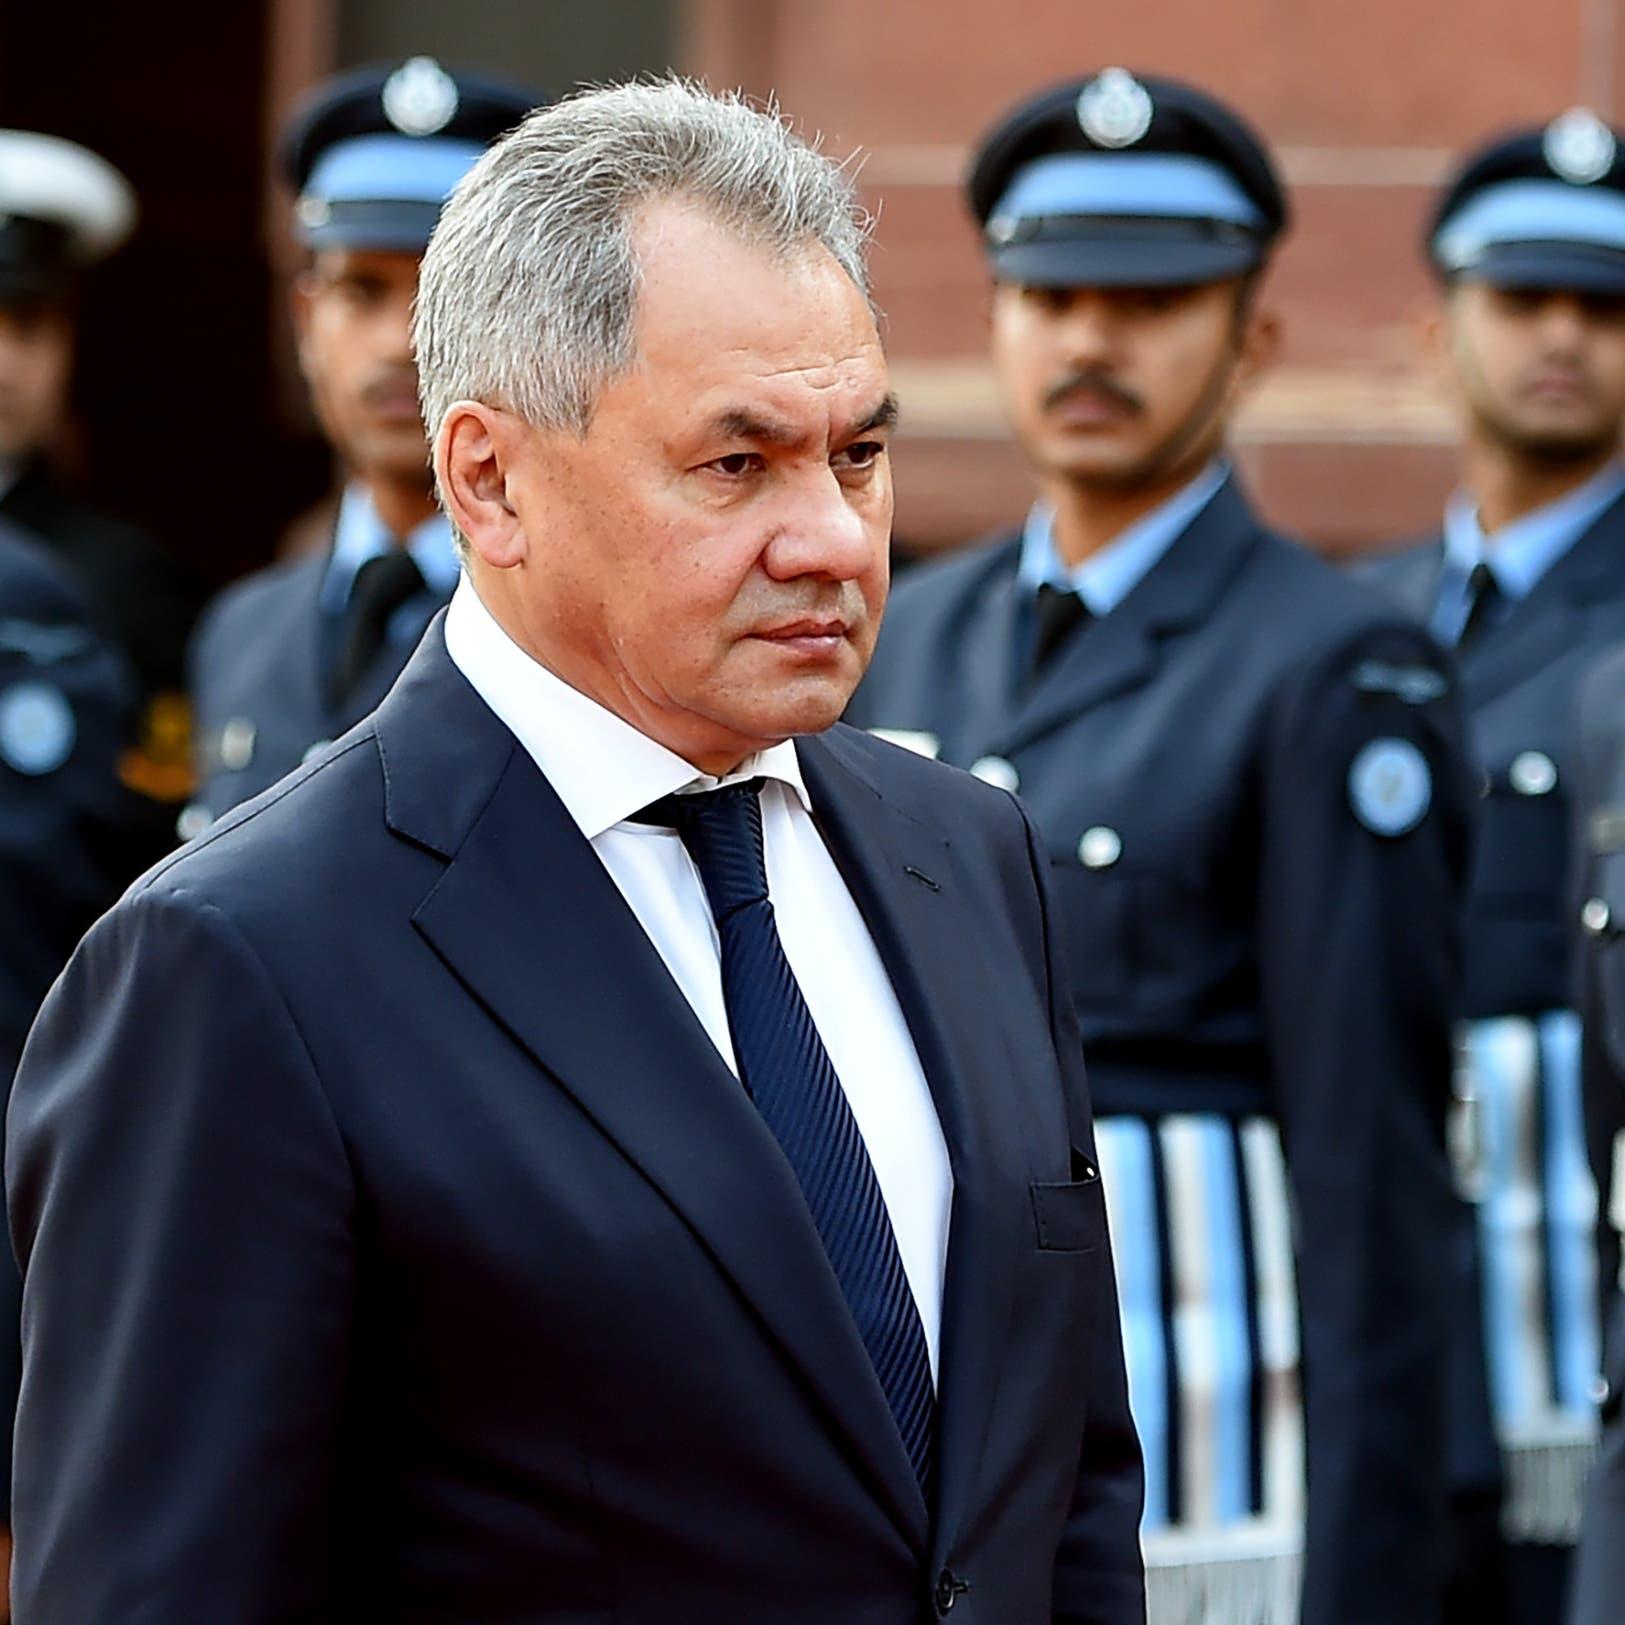 روسيا: تهديد تركيا بعملية جديدة بسوريا قد يزيد الوضع سوءا